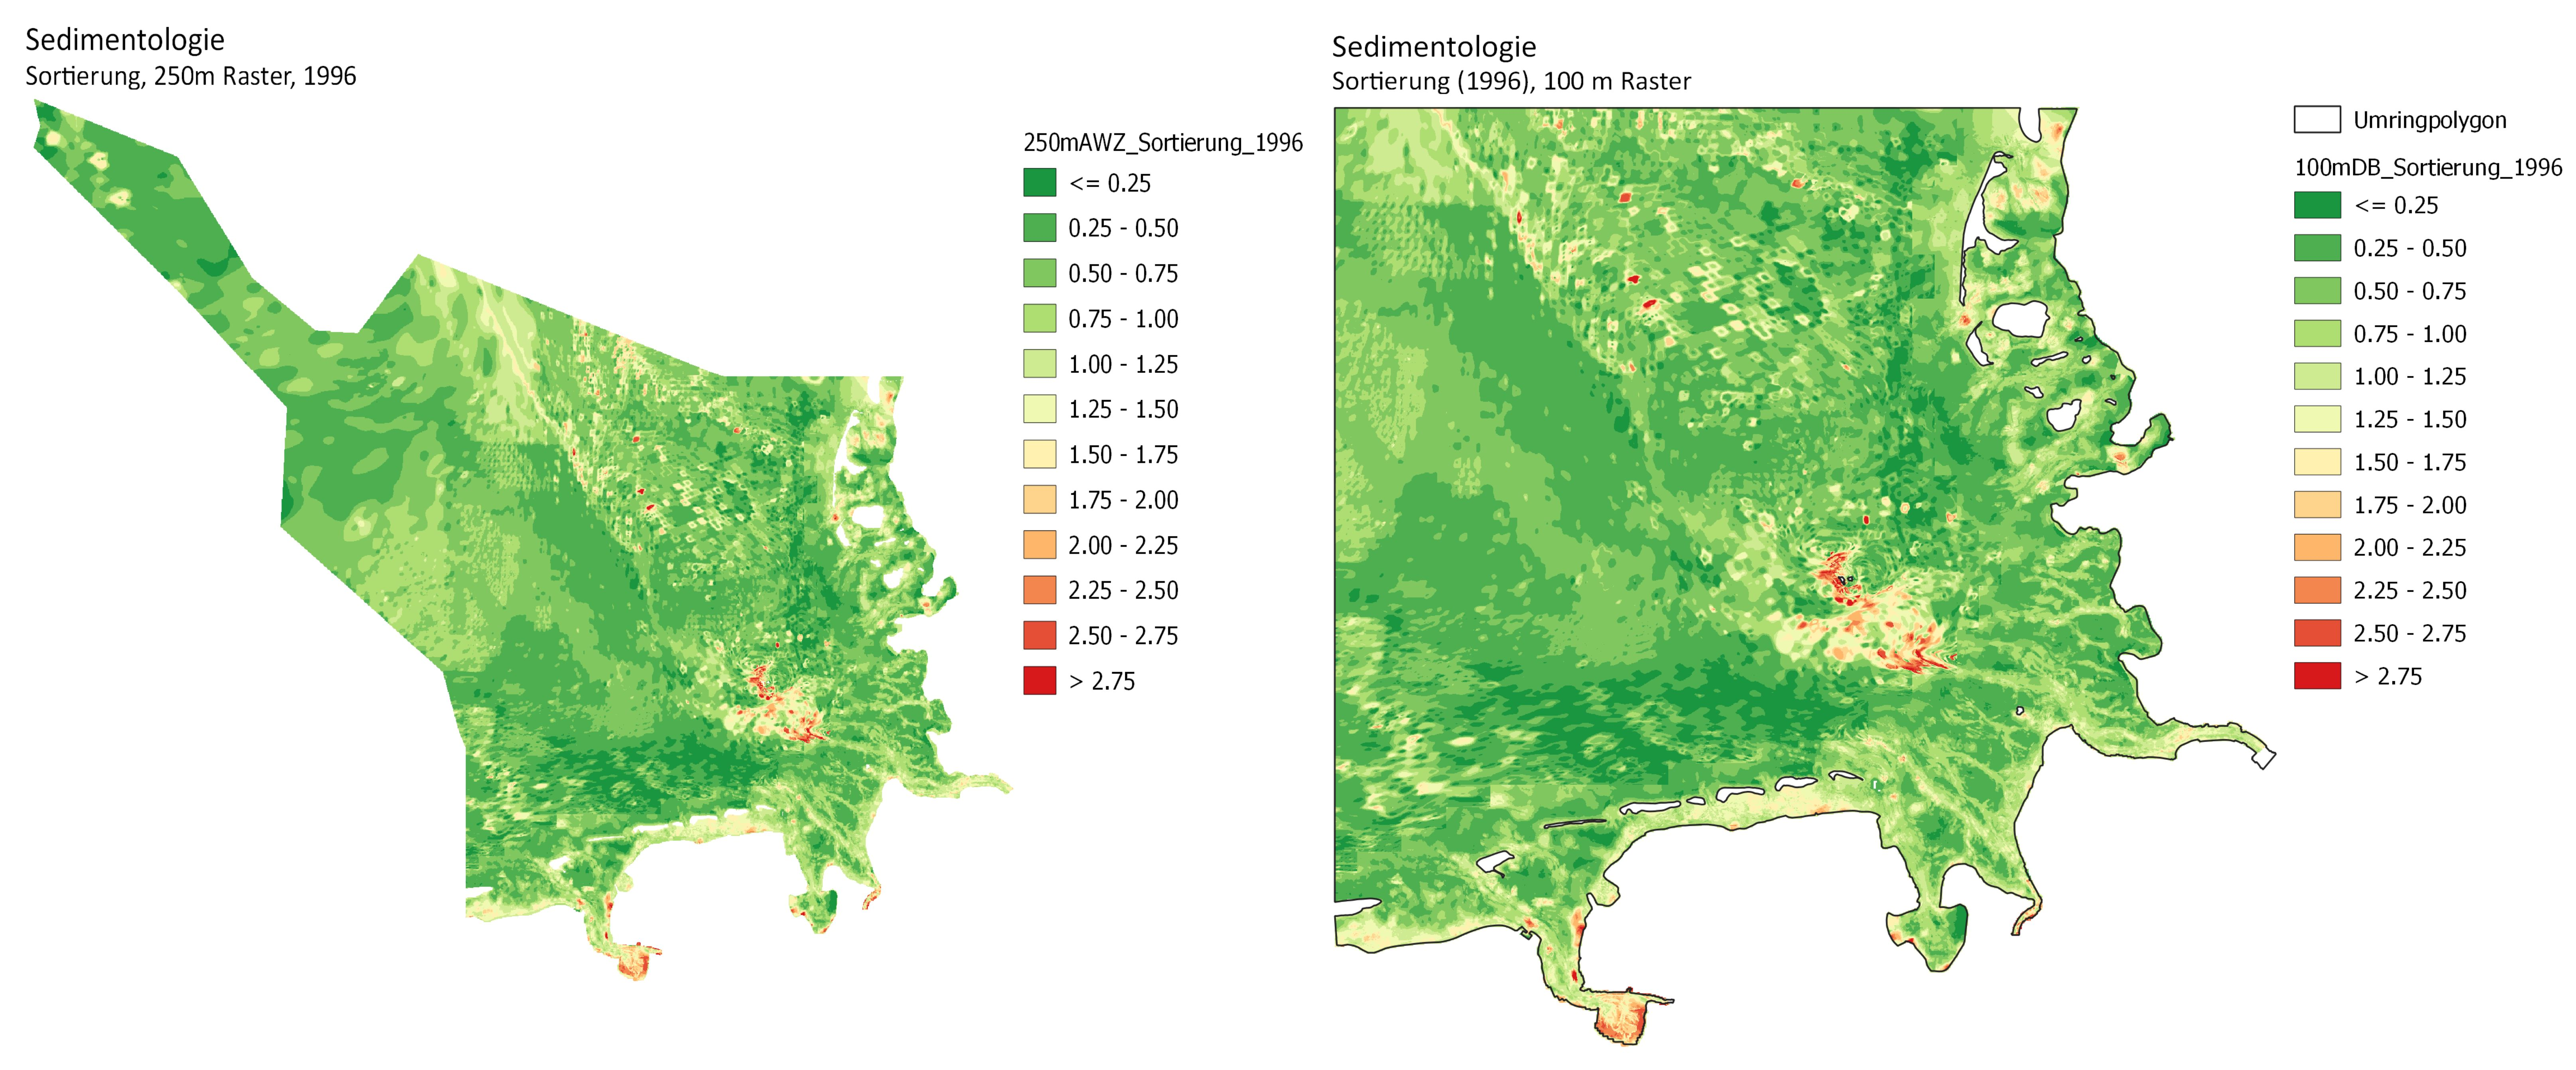 Sortierung für die Ausschließliche Wirtschaftszone (AWZ) und die Deutsche Bucht für das Jahr 1996